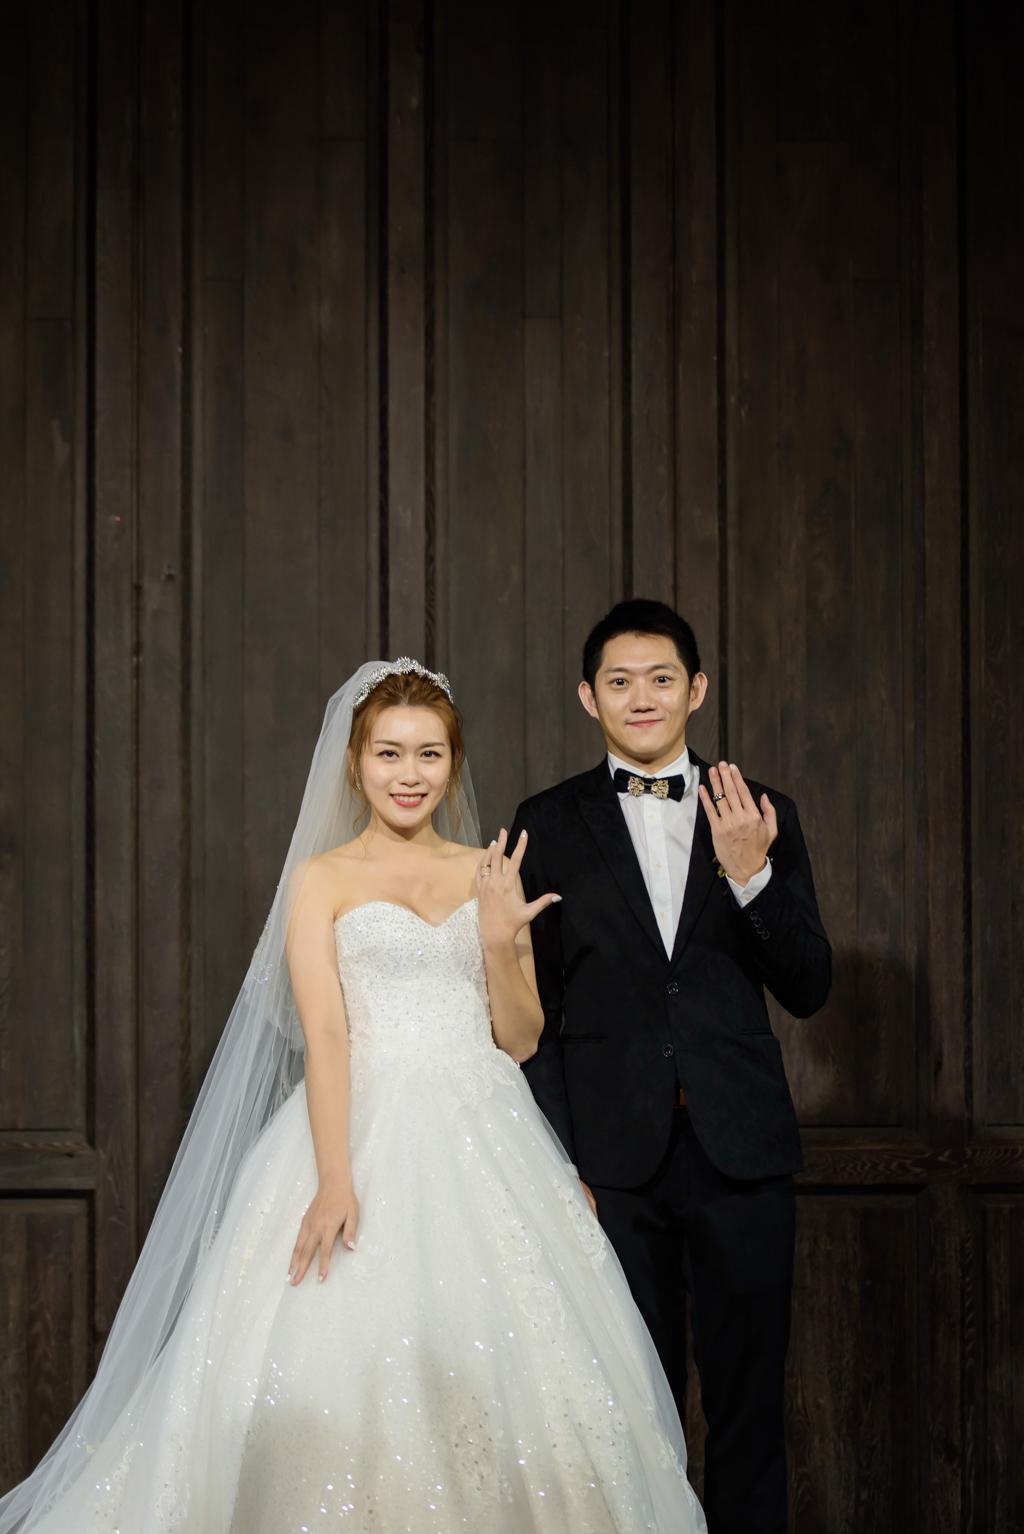 婚攝小勇, 小寶團隊, 台北婚攝, 君品, 君品婚宴, 君品推薦, 君品婚攝, Anna Yan Makeup studio, JENNY CHOU Wedding Gown, 78th studio ,wedding day-090